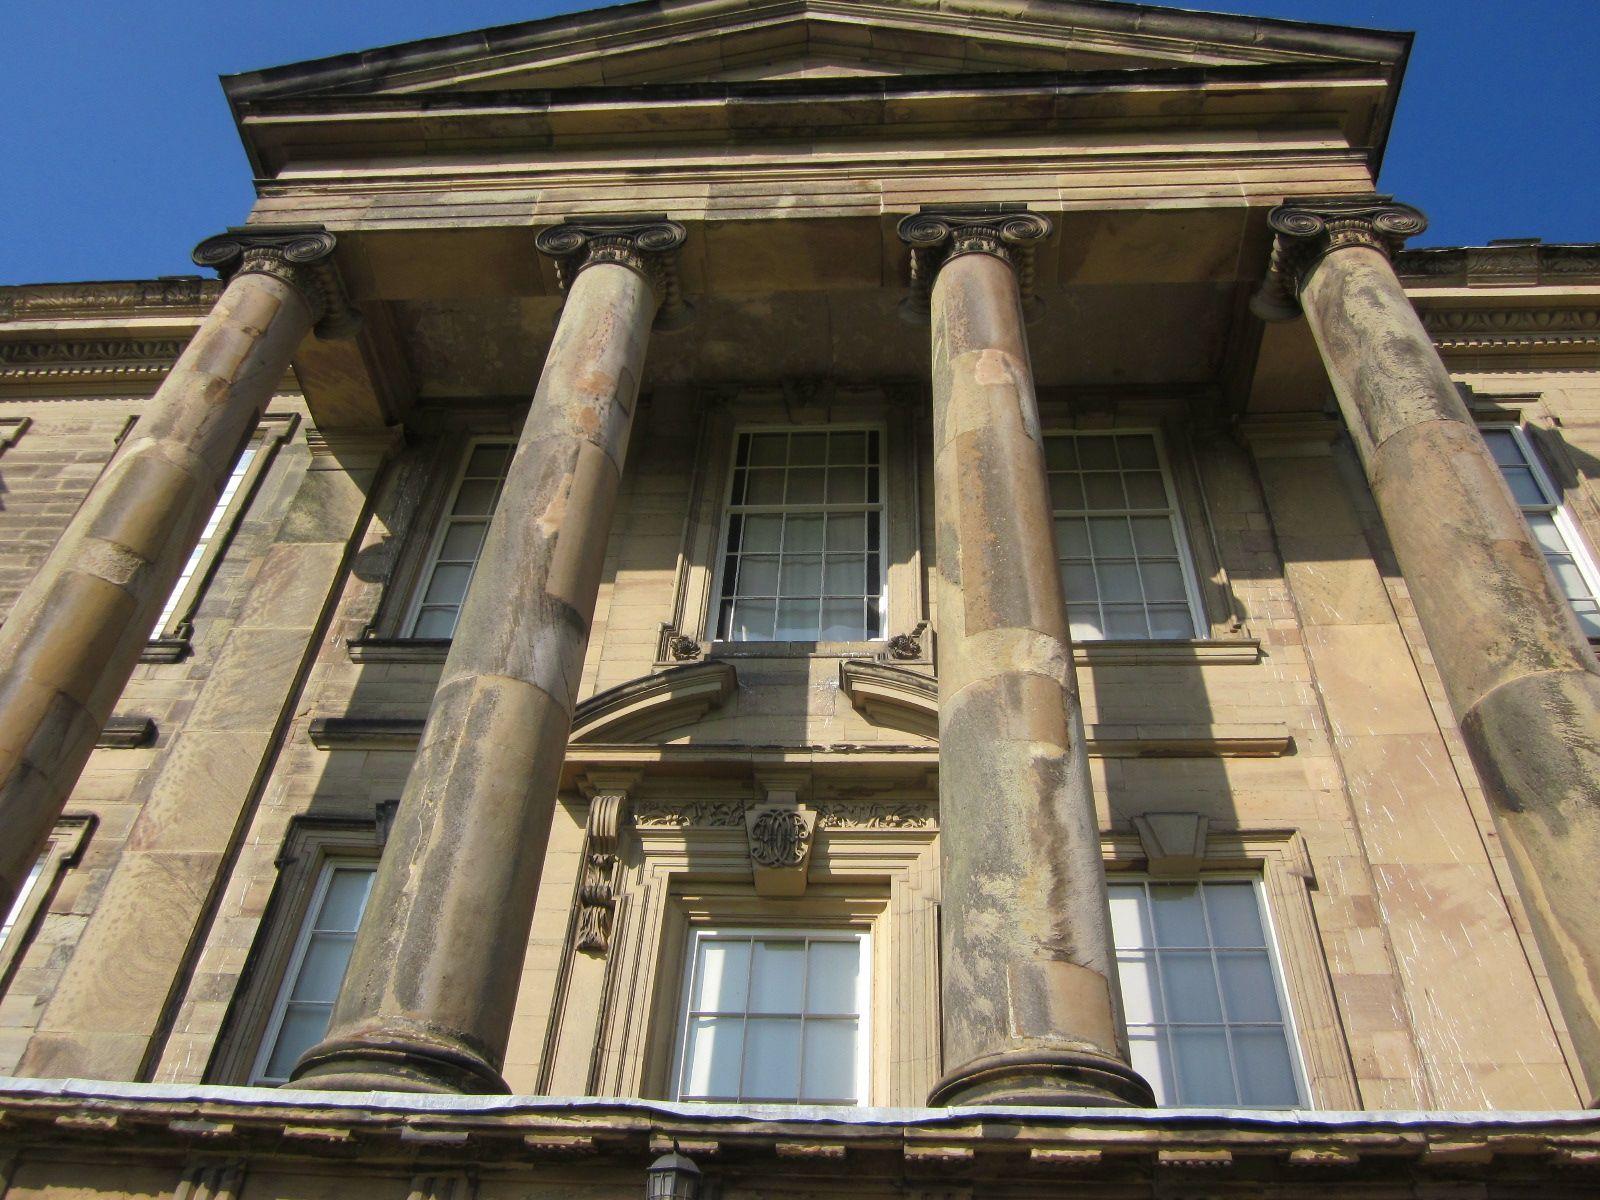 The facade of Calke Abbey